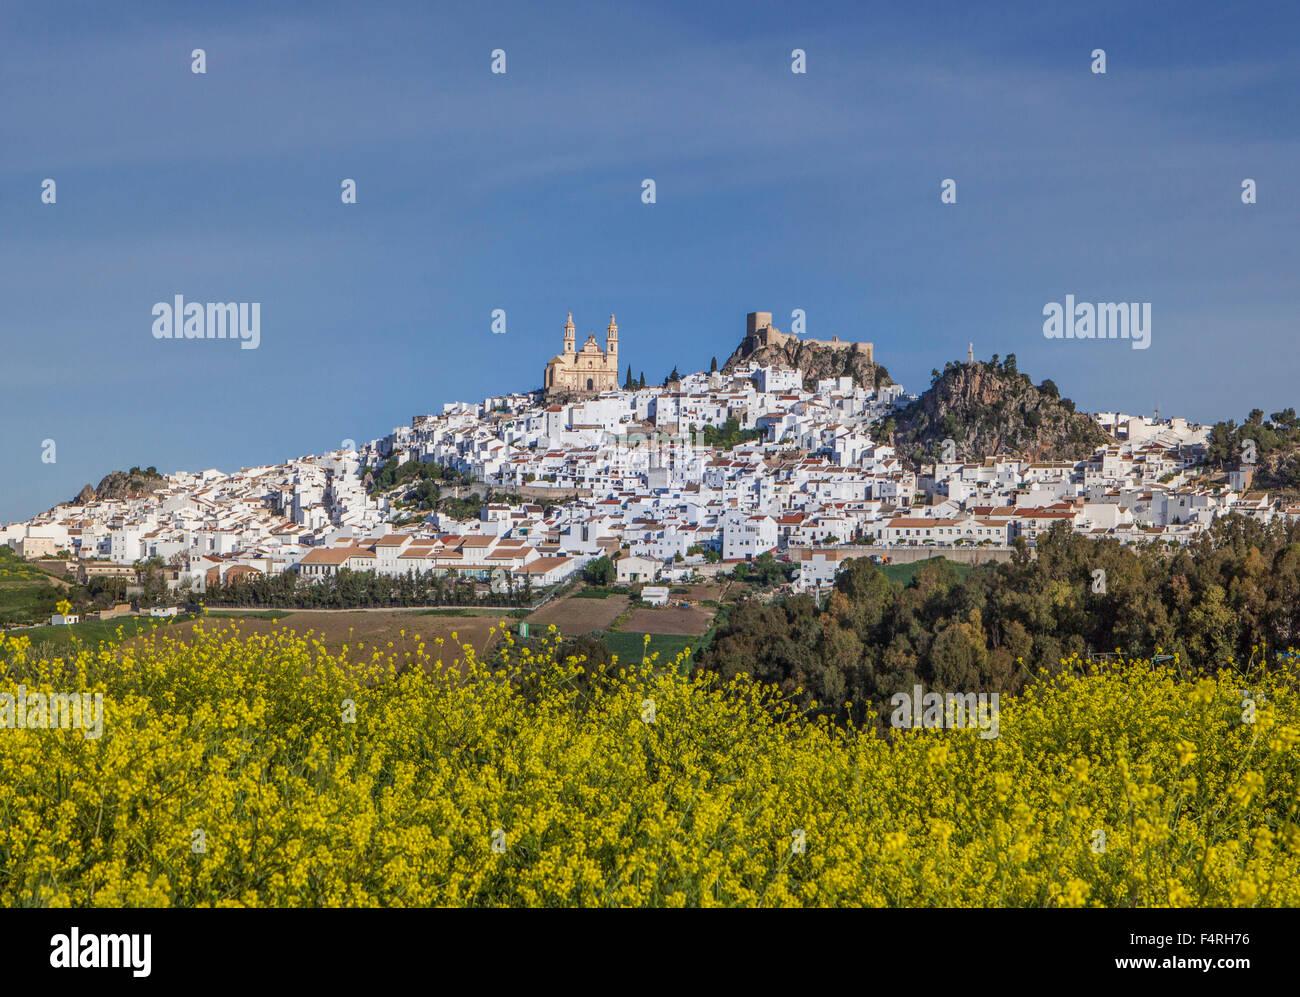 L'Andalousie, région, province de Cadix, Paysage, ville, Olvera, Espagne, Europe, Printemps, architecture, château, colorés, des fleurs, pas de Banque D'Images